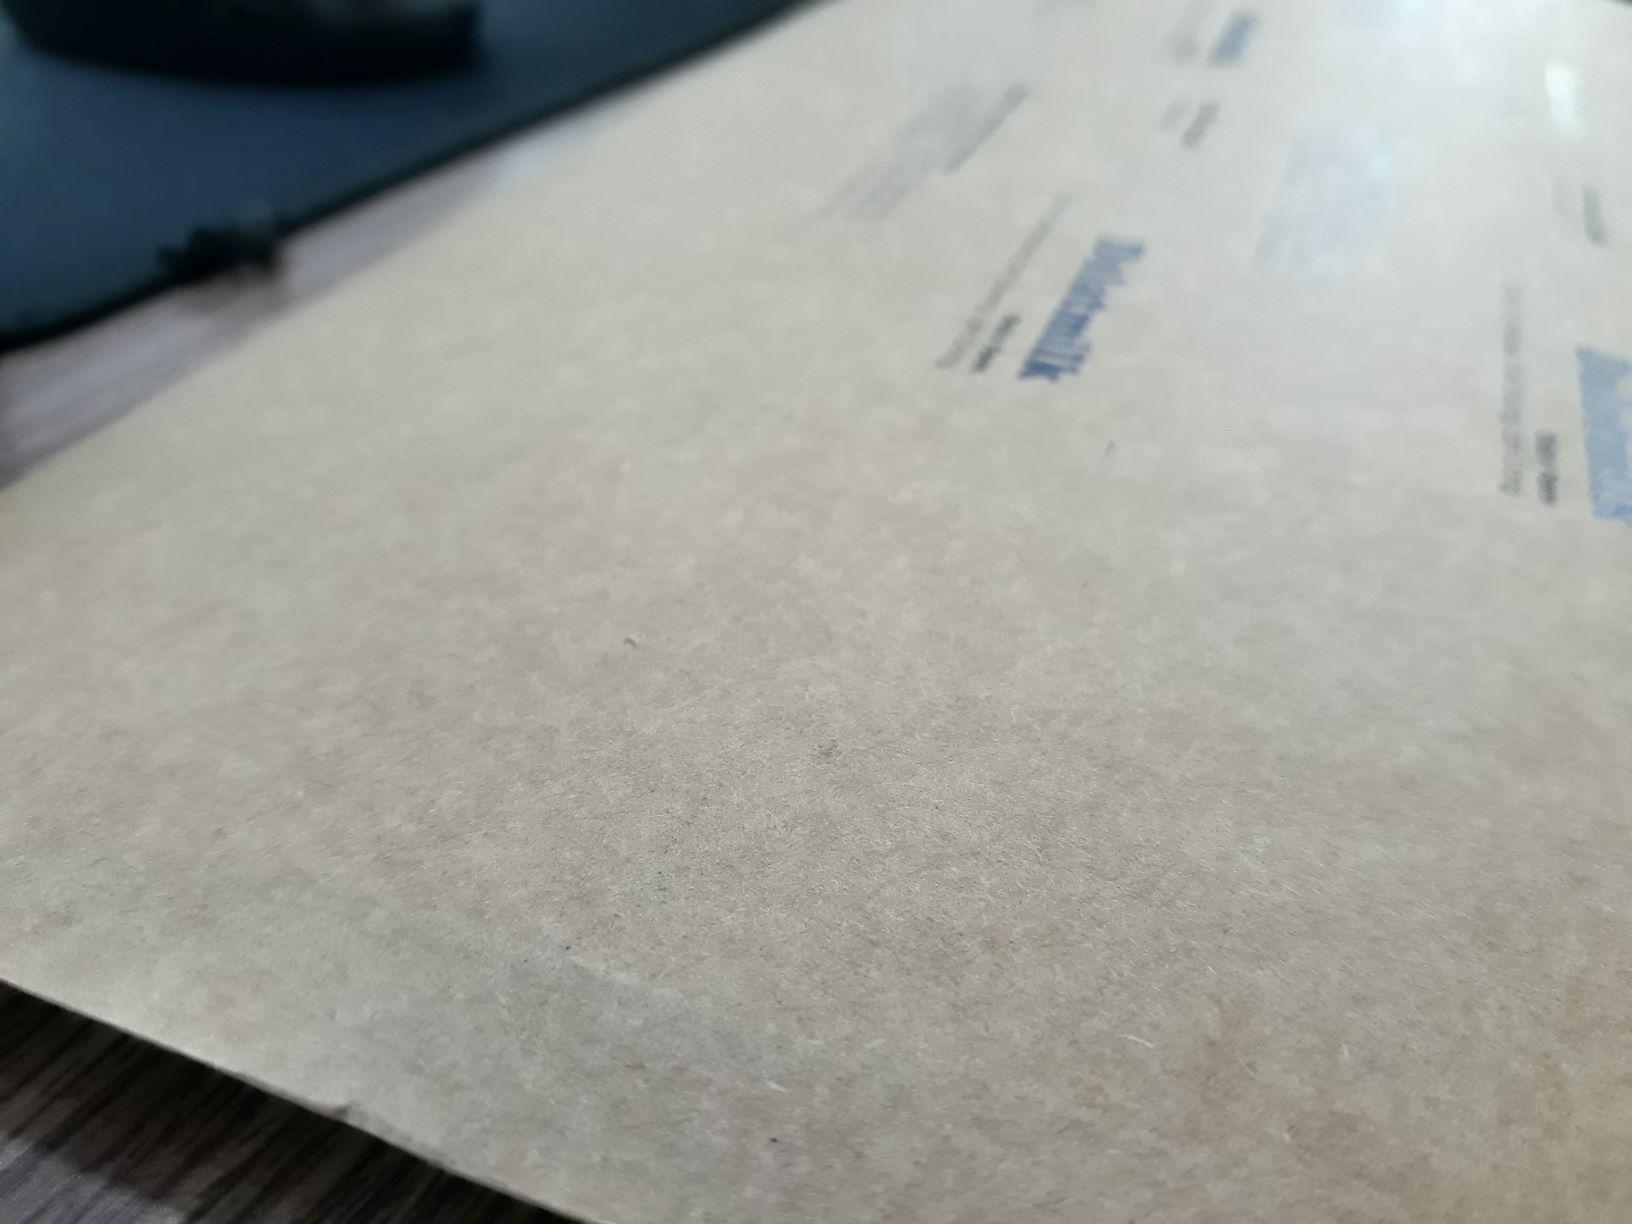 Chất liệu giấy Kraft dùng để in túi giấy với màu vàng nâu đặc trưng